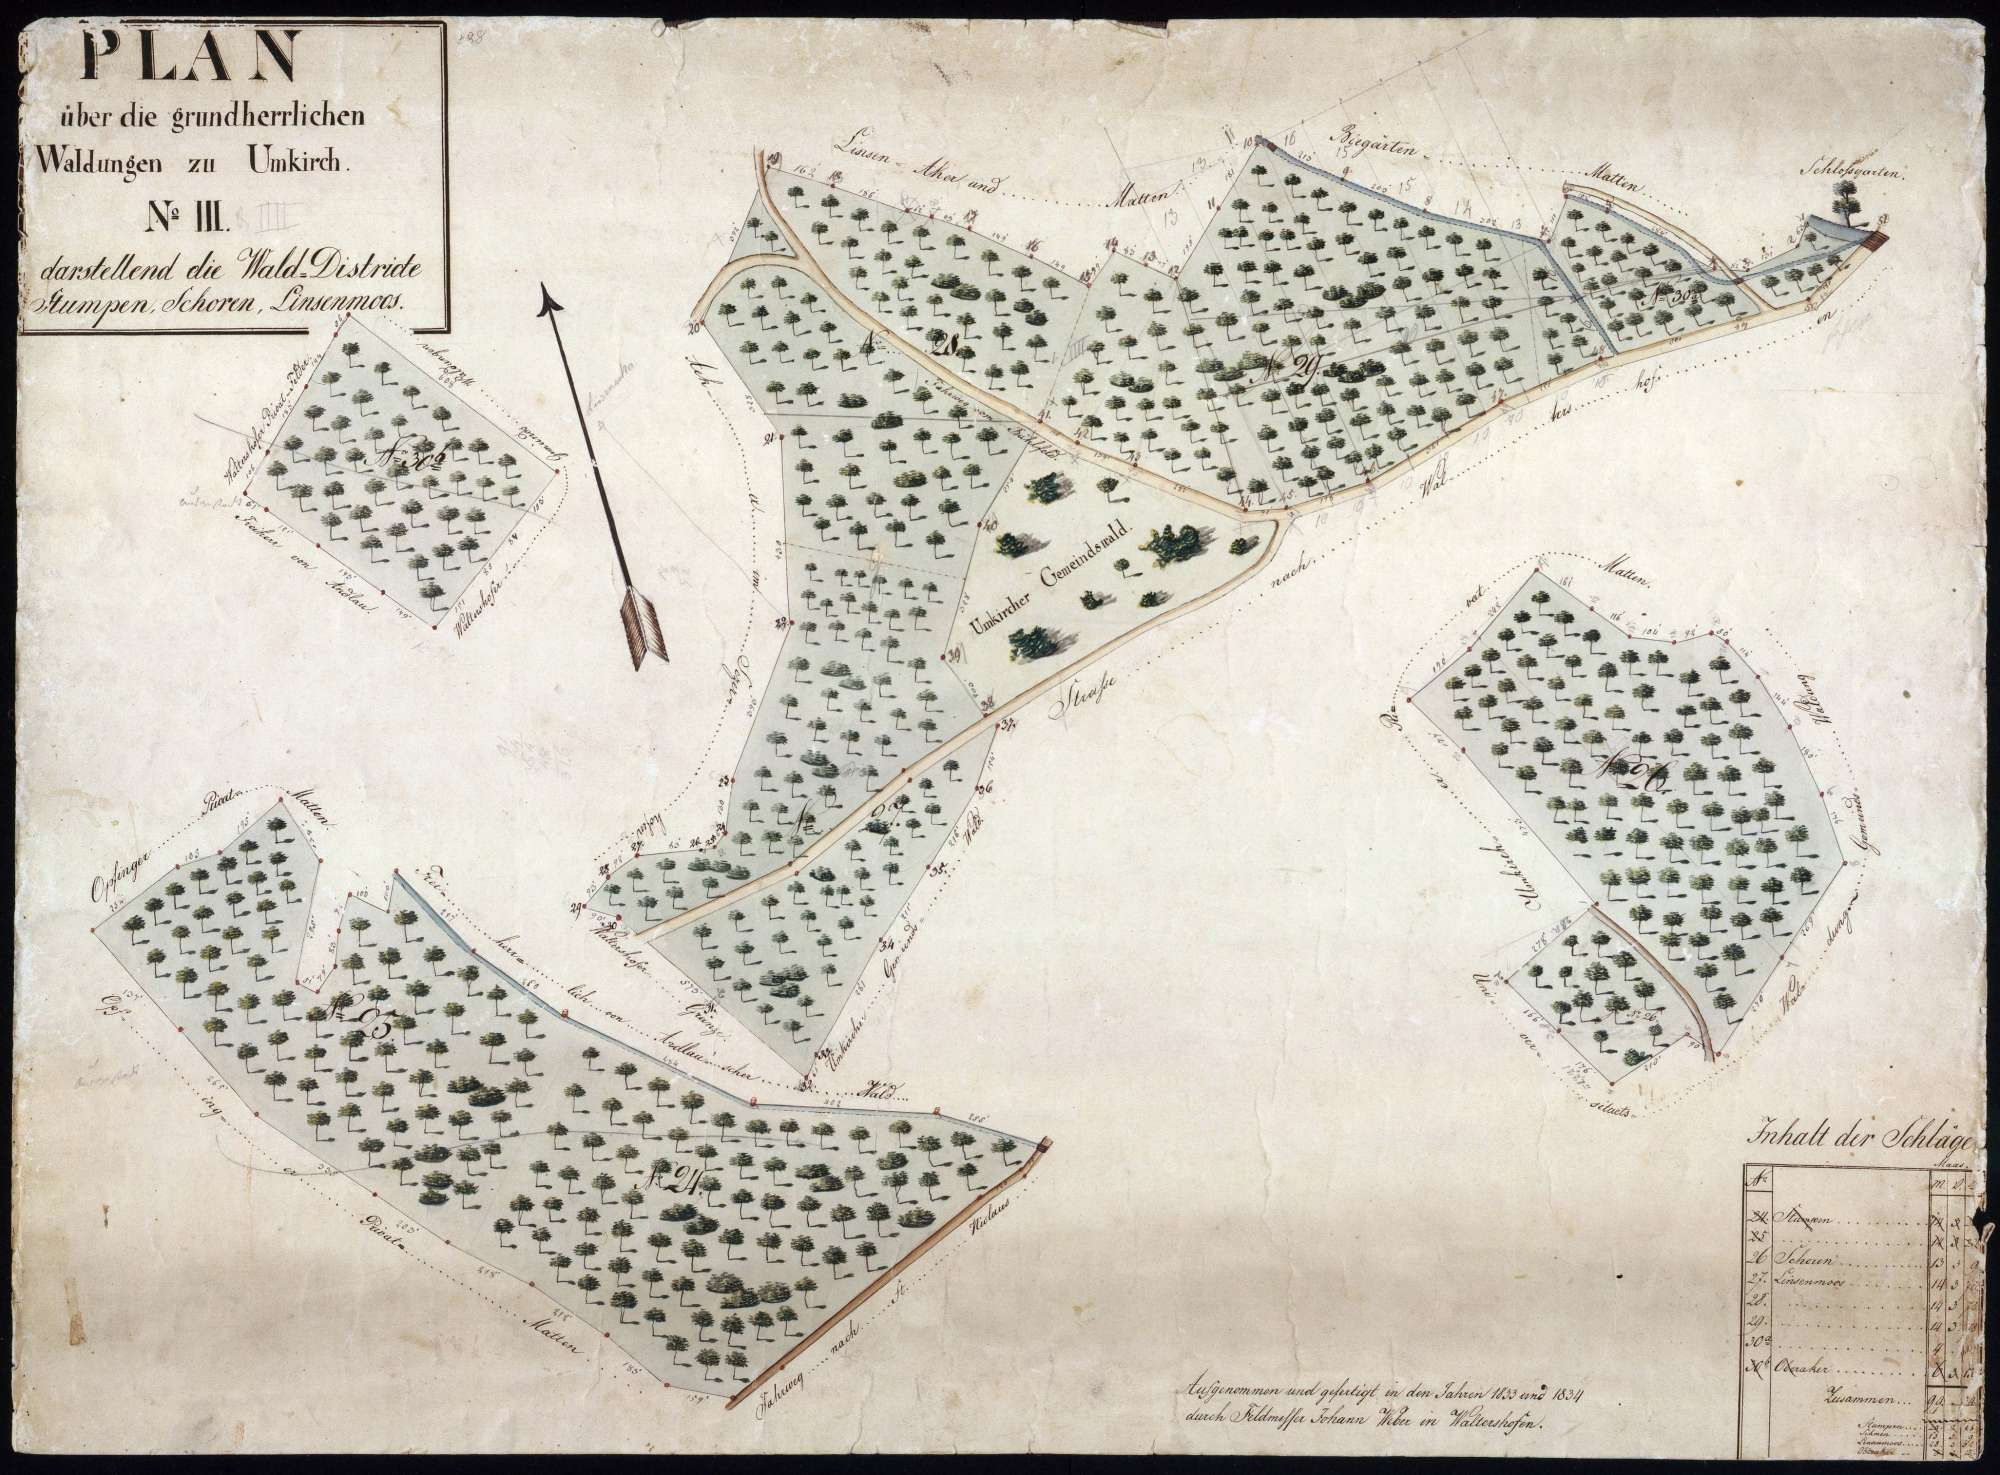 Plan über die grundherrlichen Waldungen zu Umkirch, Bild 1